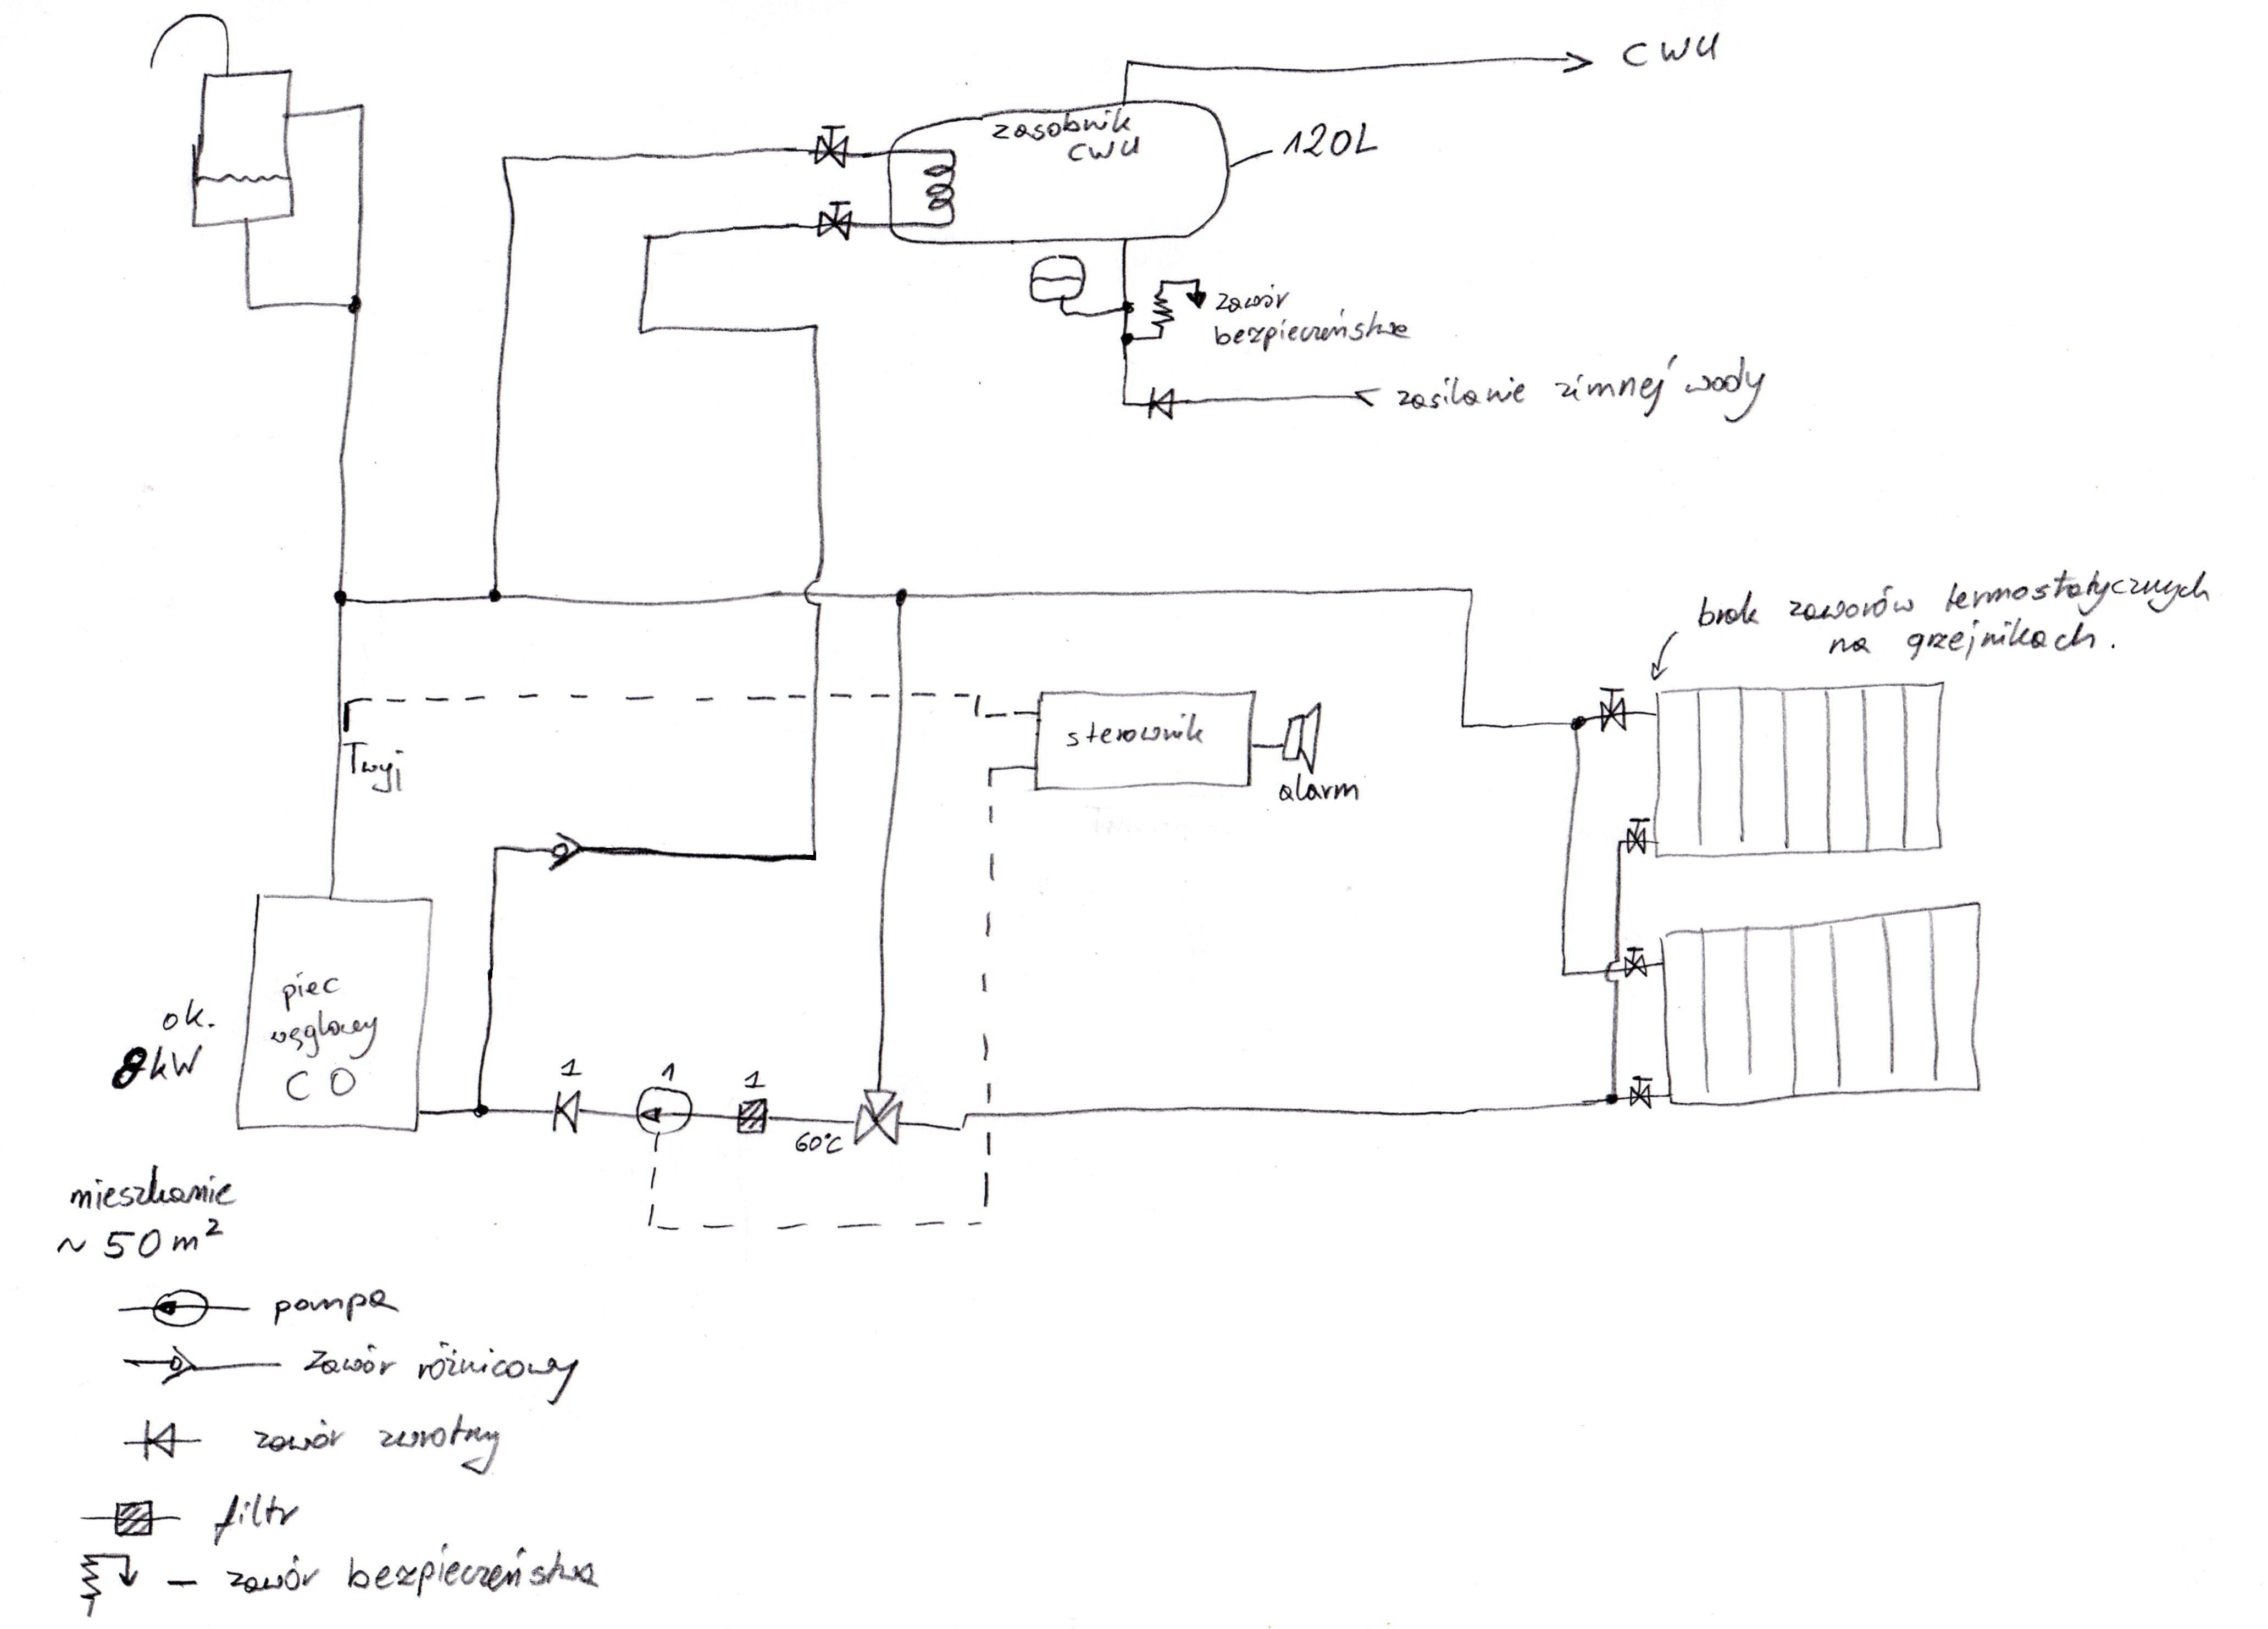 Sprawdzenie ukladu co + cwu (dwa zawory trojdrozne termostatyczne)